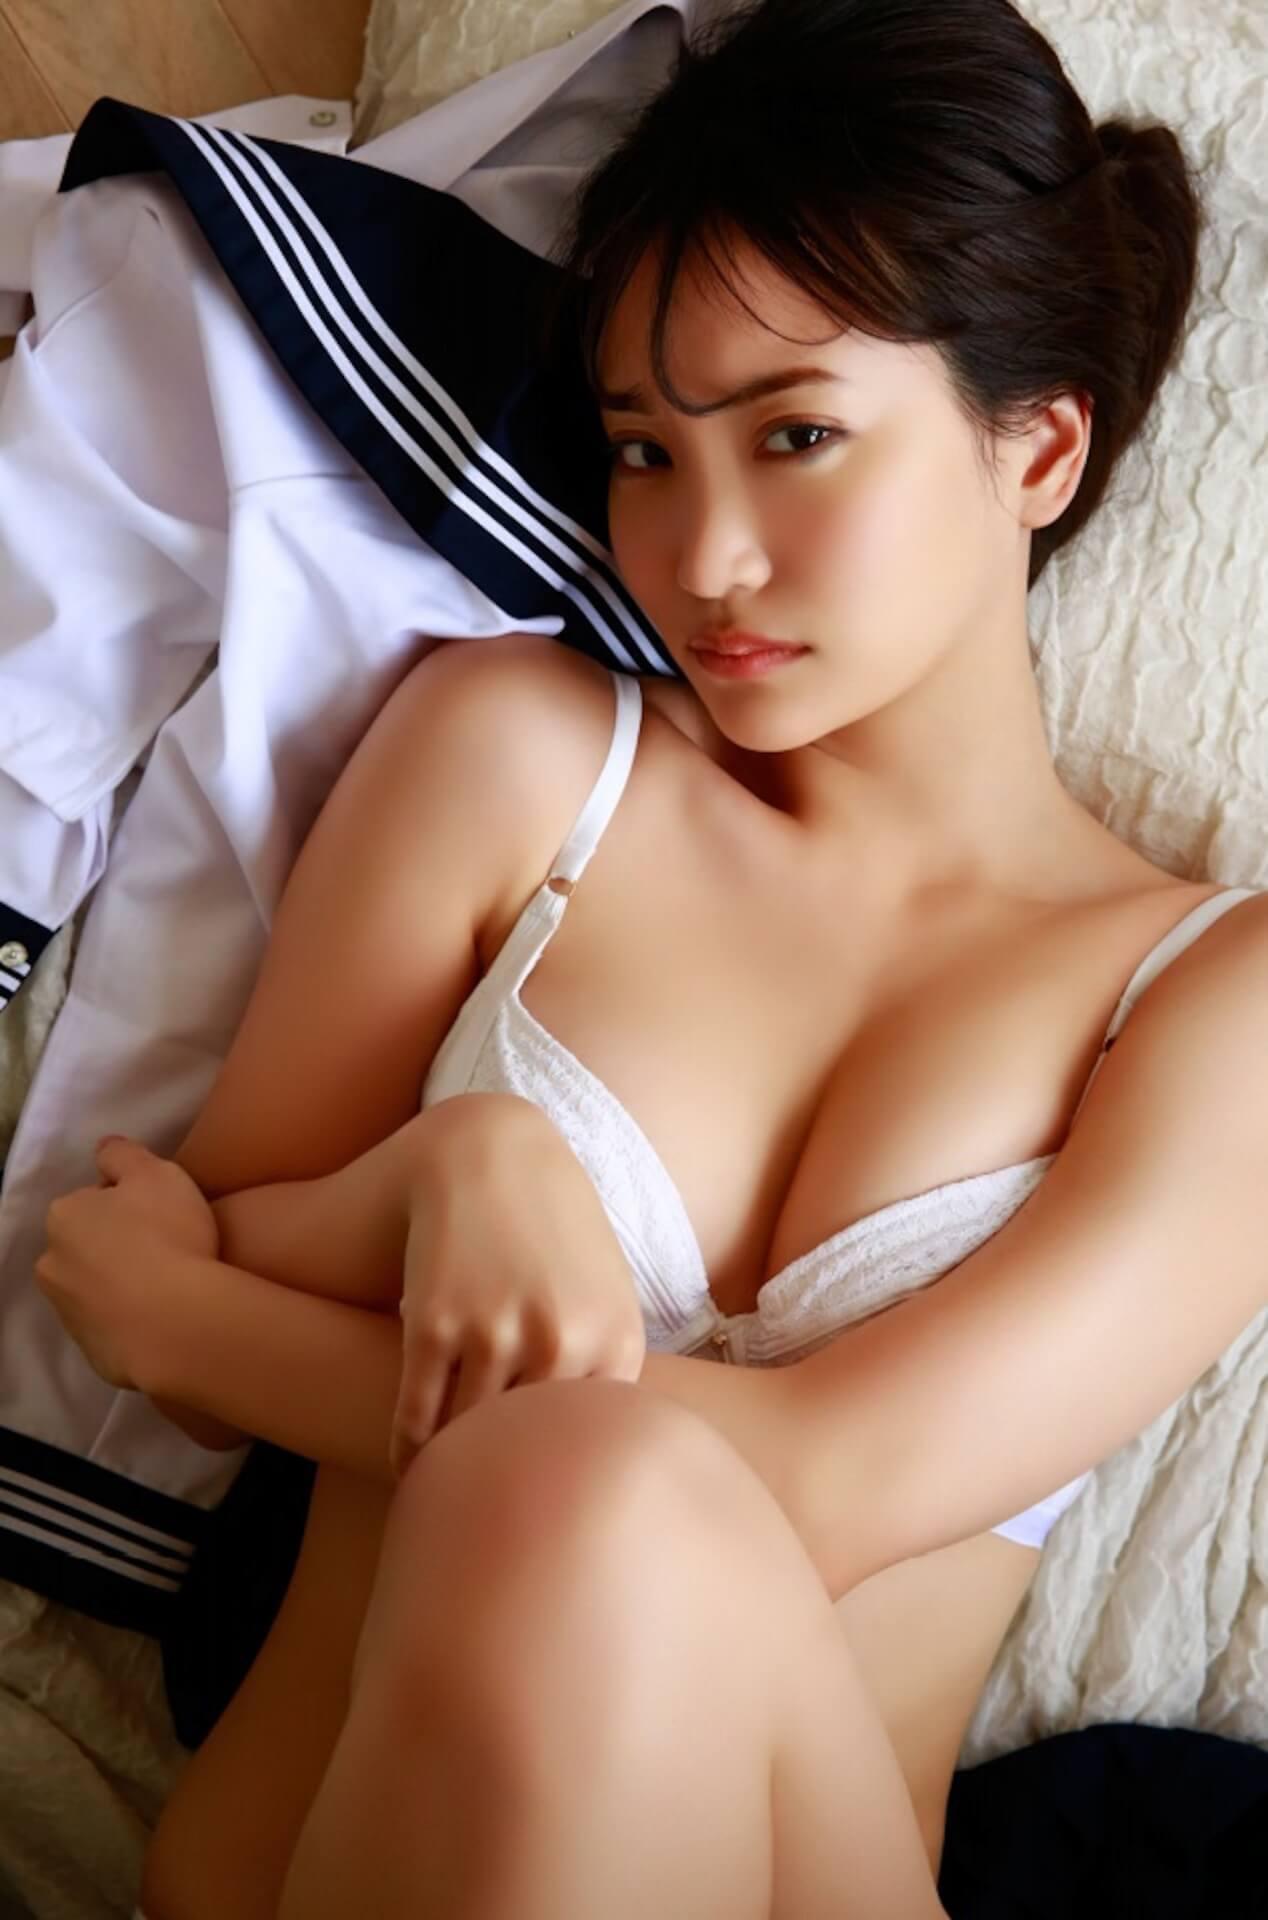 グラビアで大活躍中の永尾まりやがセーラー服を脱ぎ捨ててセクシーな下着姿を披露!デジタル写真集発売に伴い誌面カットが解禁 art201020_nagaomariya_3